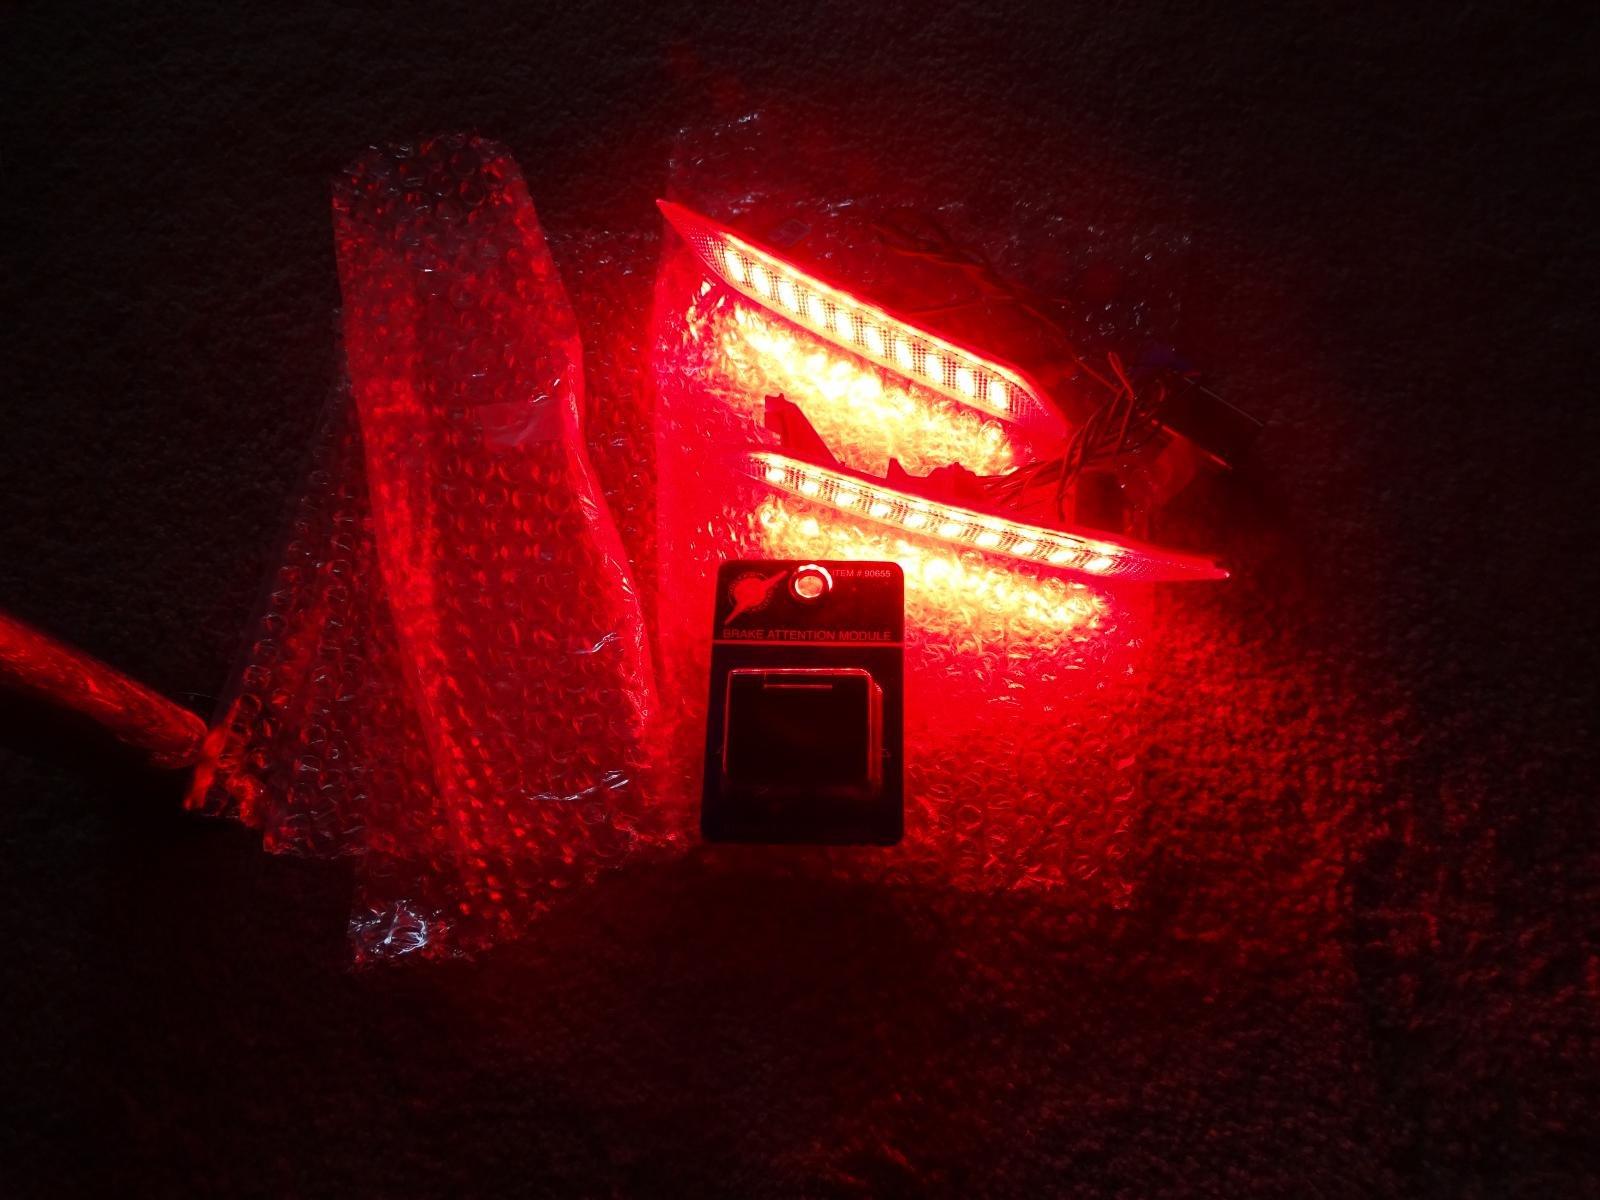 NEW ! LED rear bumper light for 9th gen civic si sedan-dsc00897.jpg